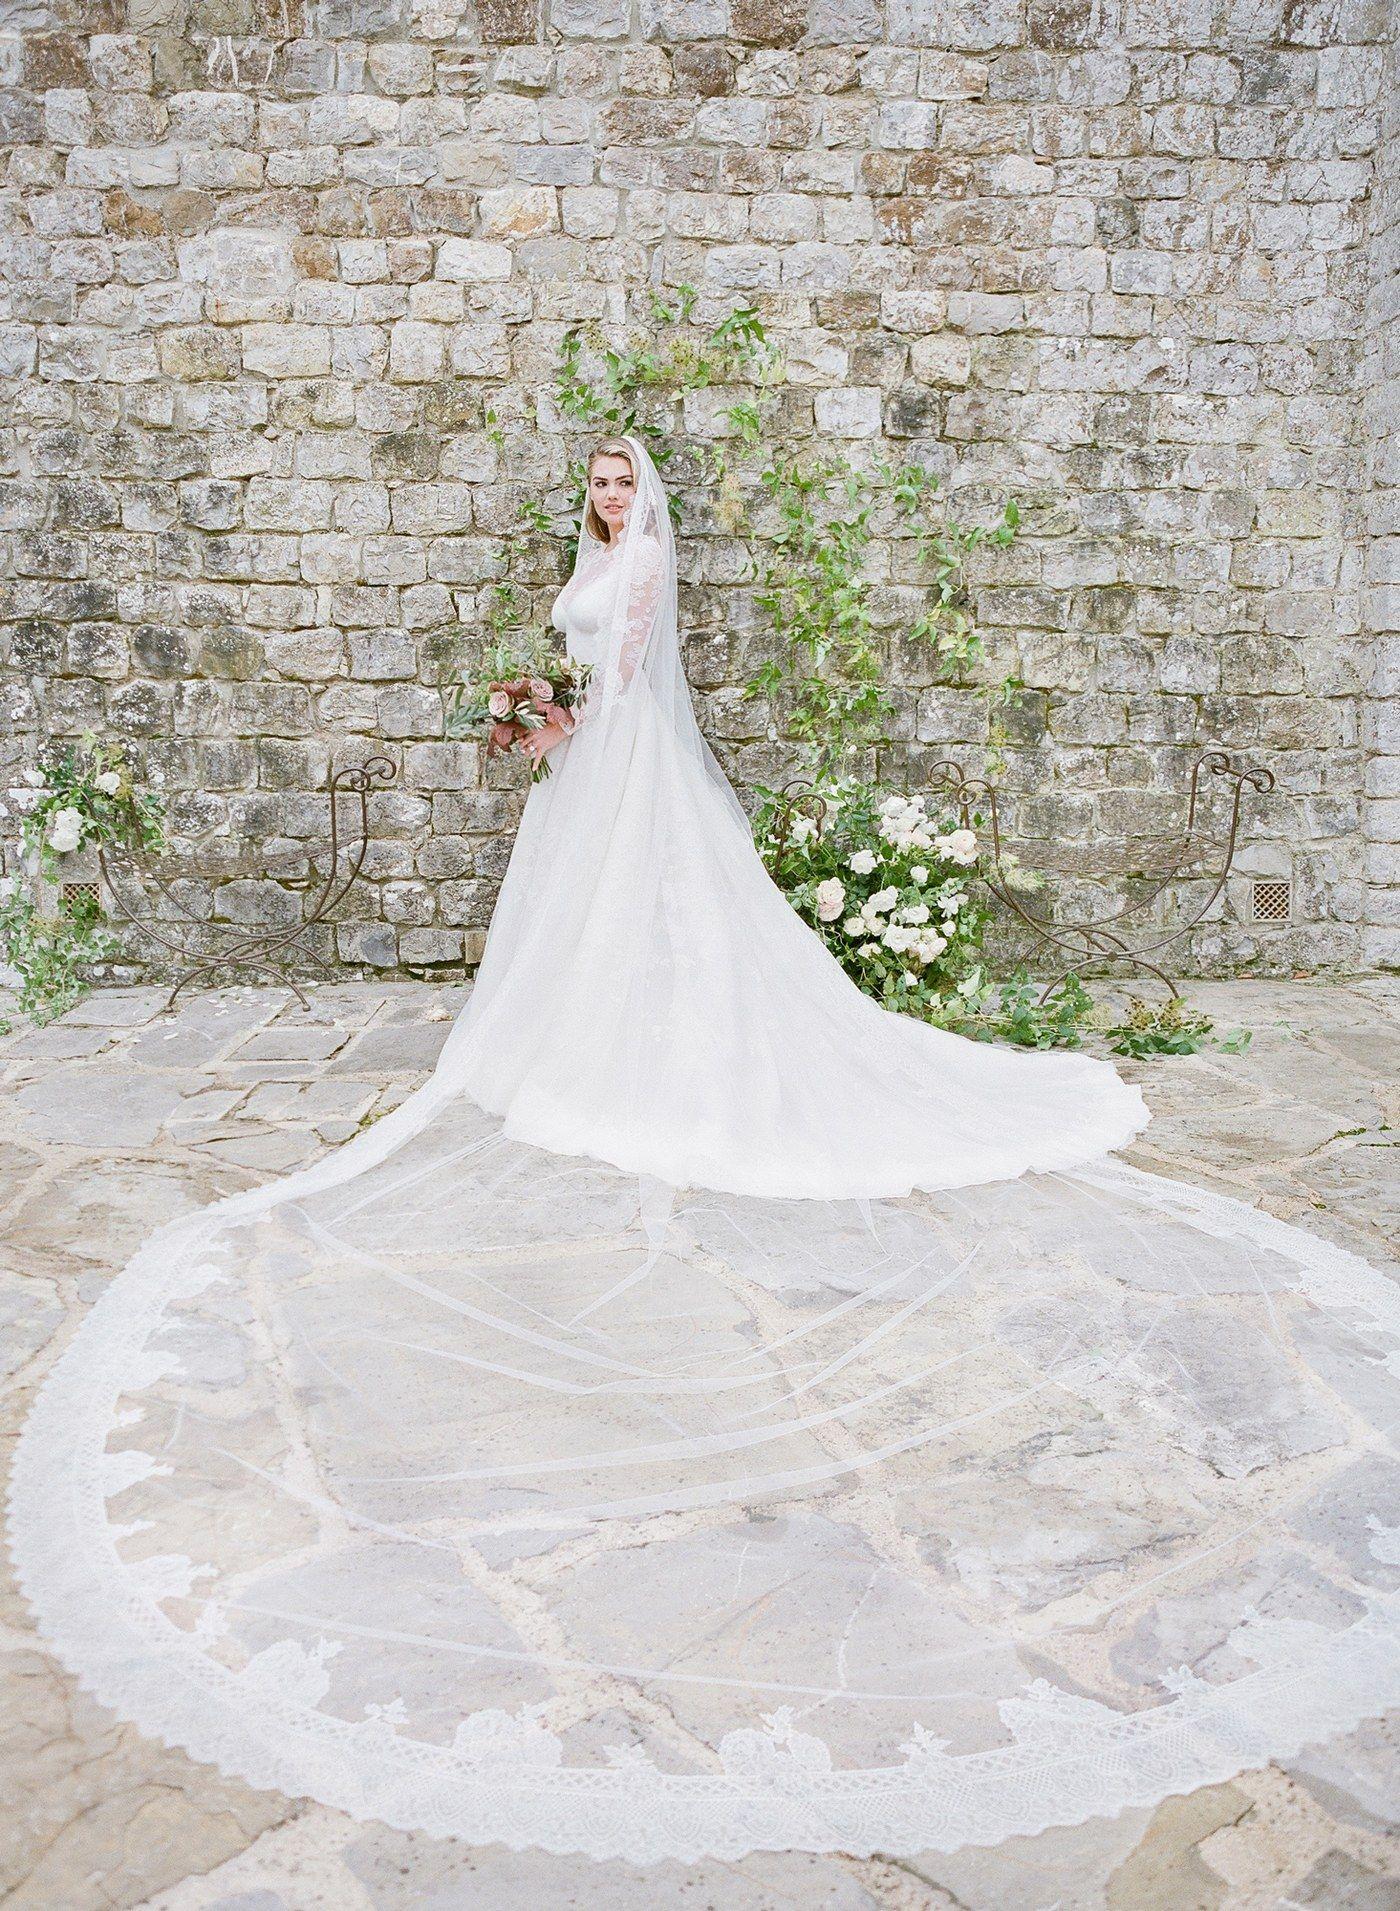 Kate Upton Wedding Dress.Kate Upton In Her Wedding Dress Weddings In 2019 Wedding Tuscan